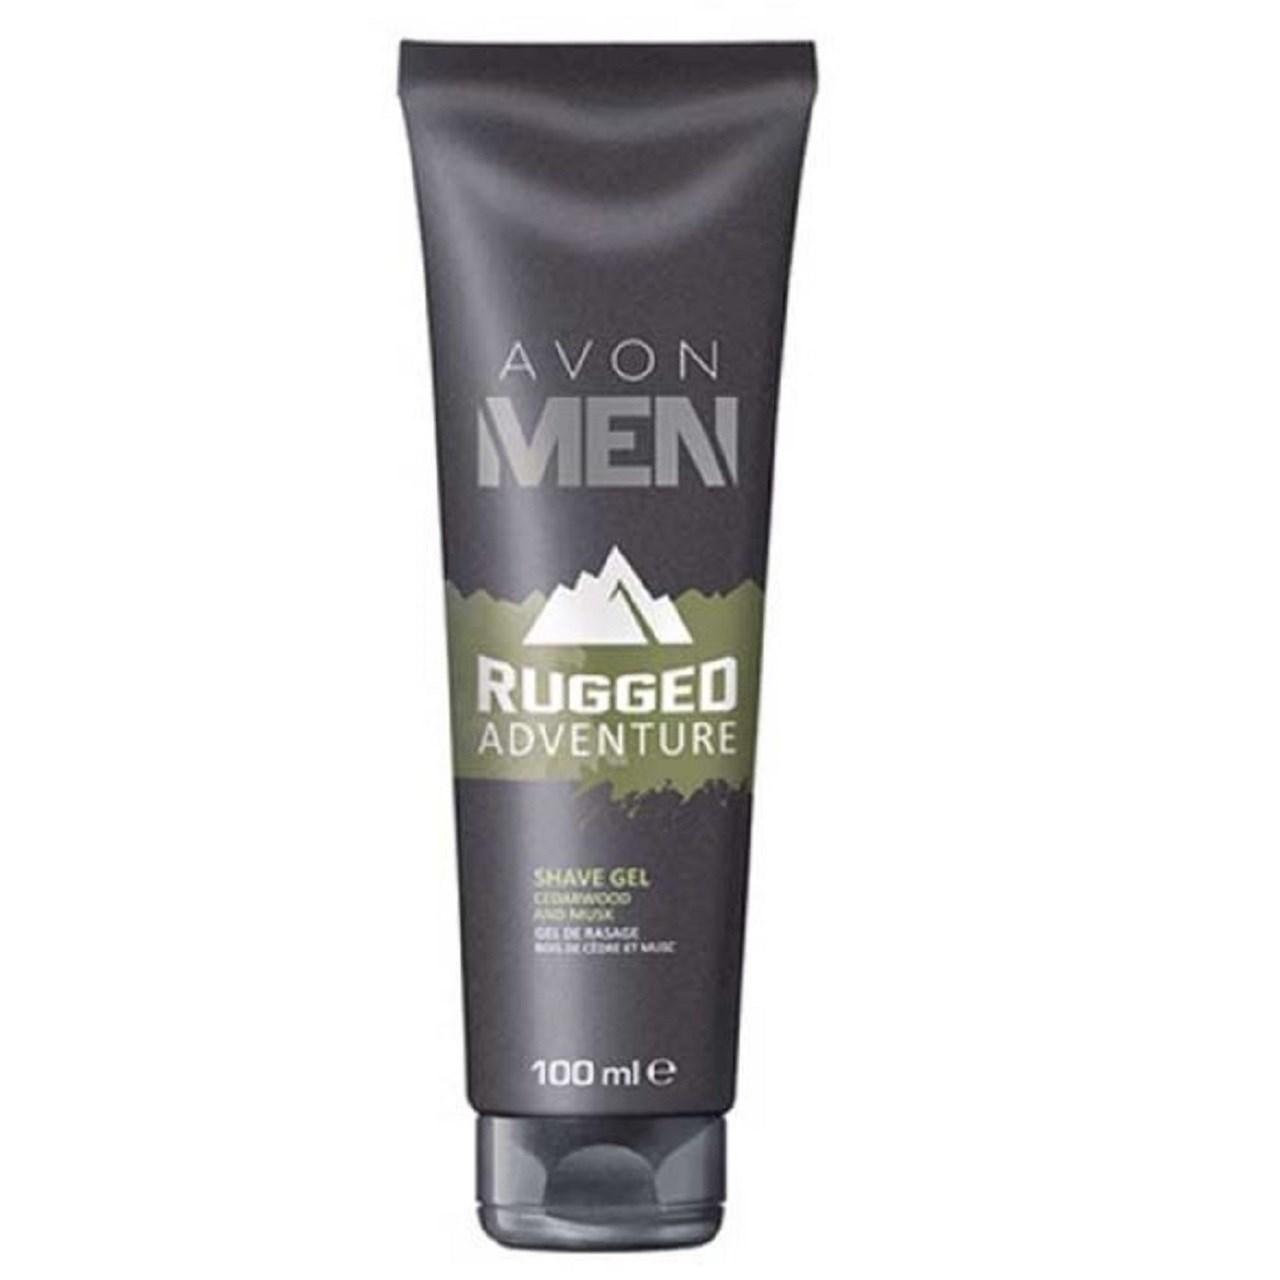 ژل اصلاح آون مدل Avon Men Rugged Adventure Shave Gel حجم 100 میلی لیتر